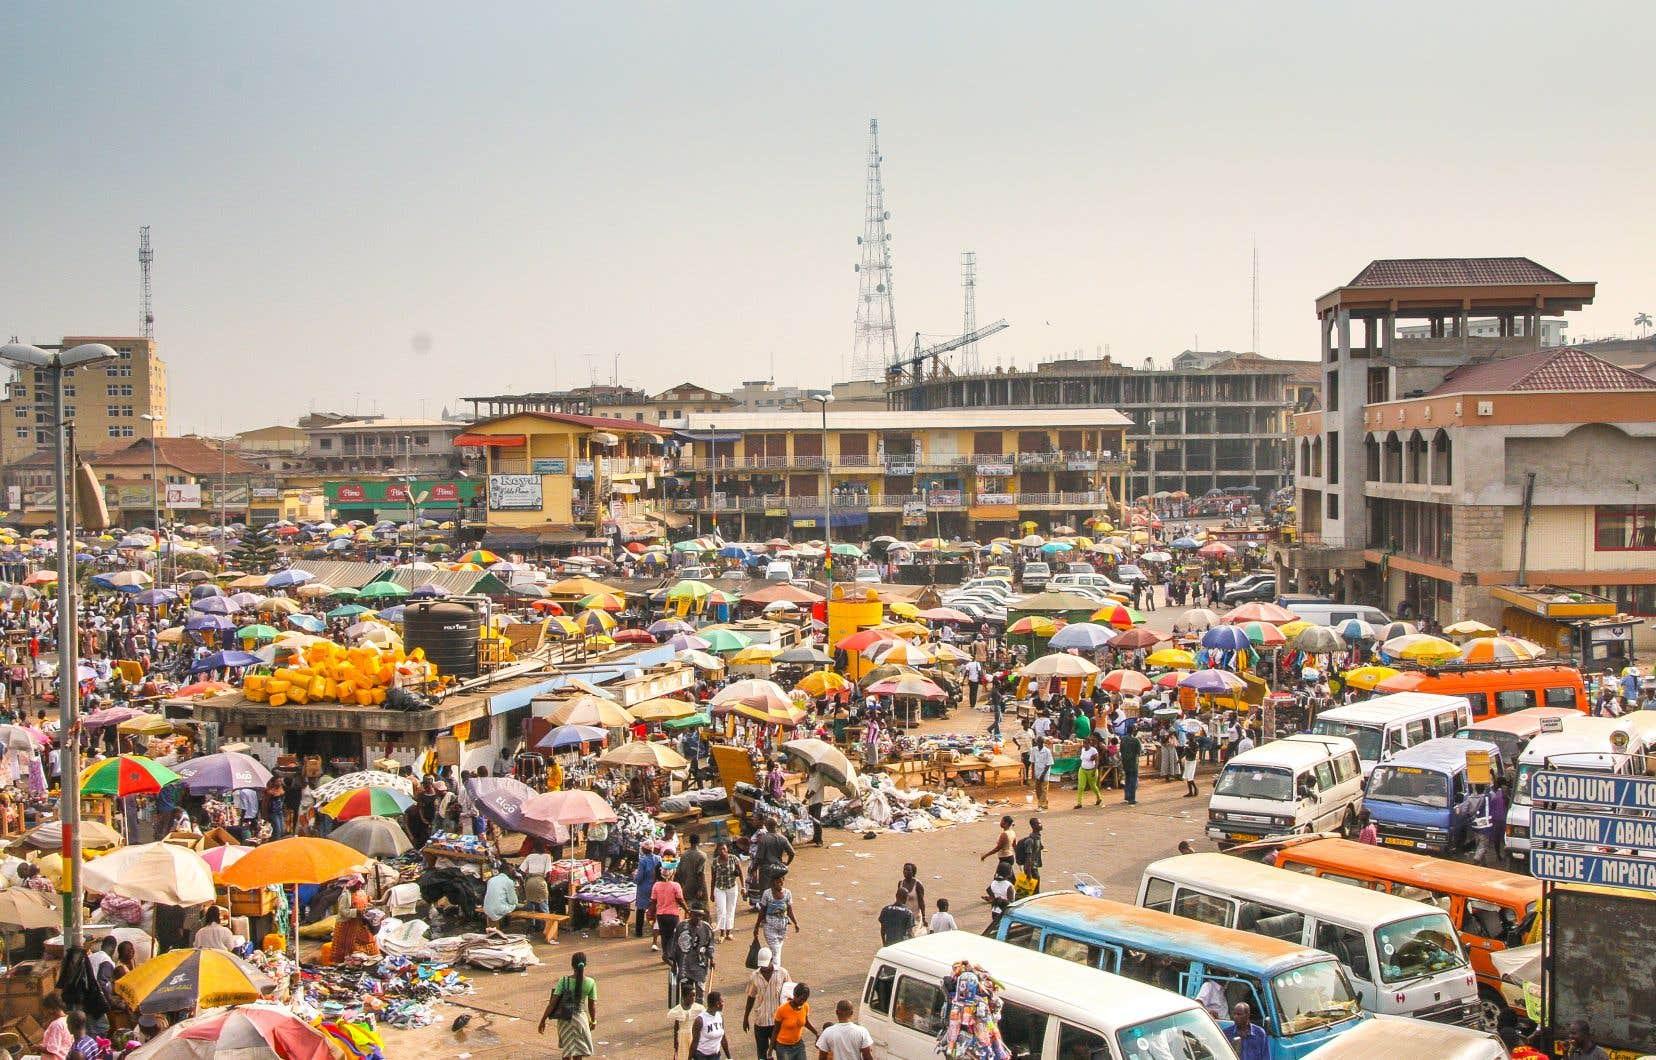 Les deux étudiantes canadiennes auraient été enlevéesau sortir de leur appartement de la ville de Kumasi, au Ghana.